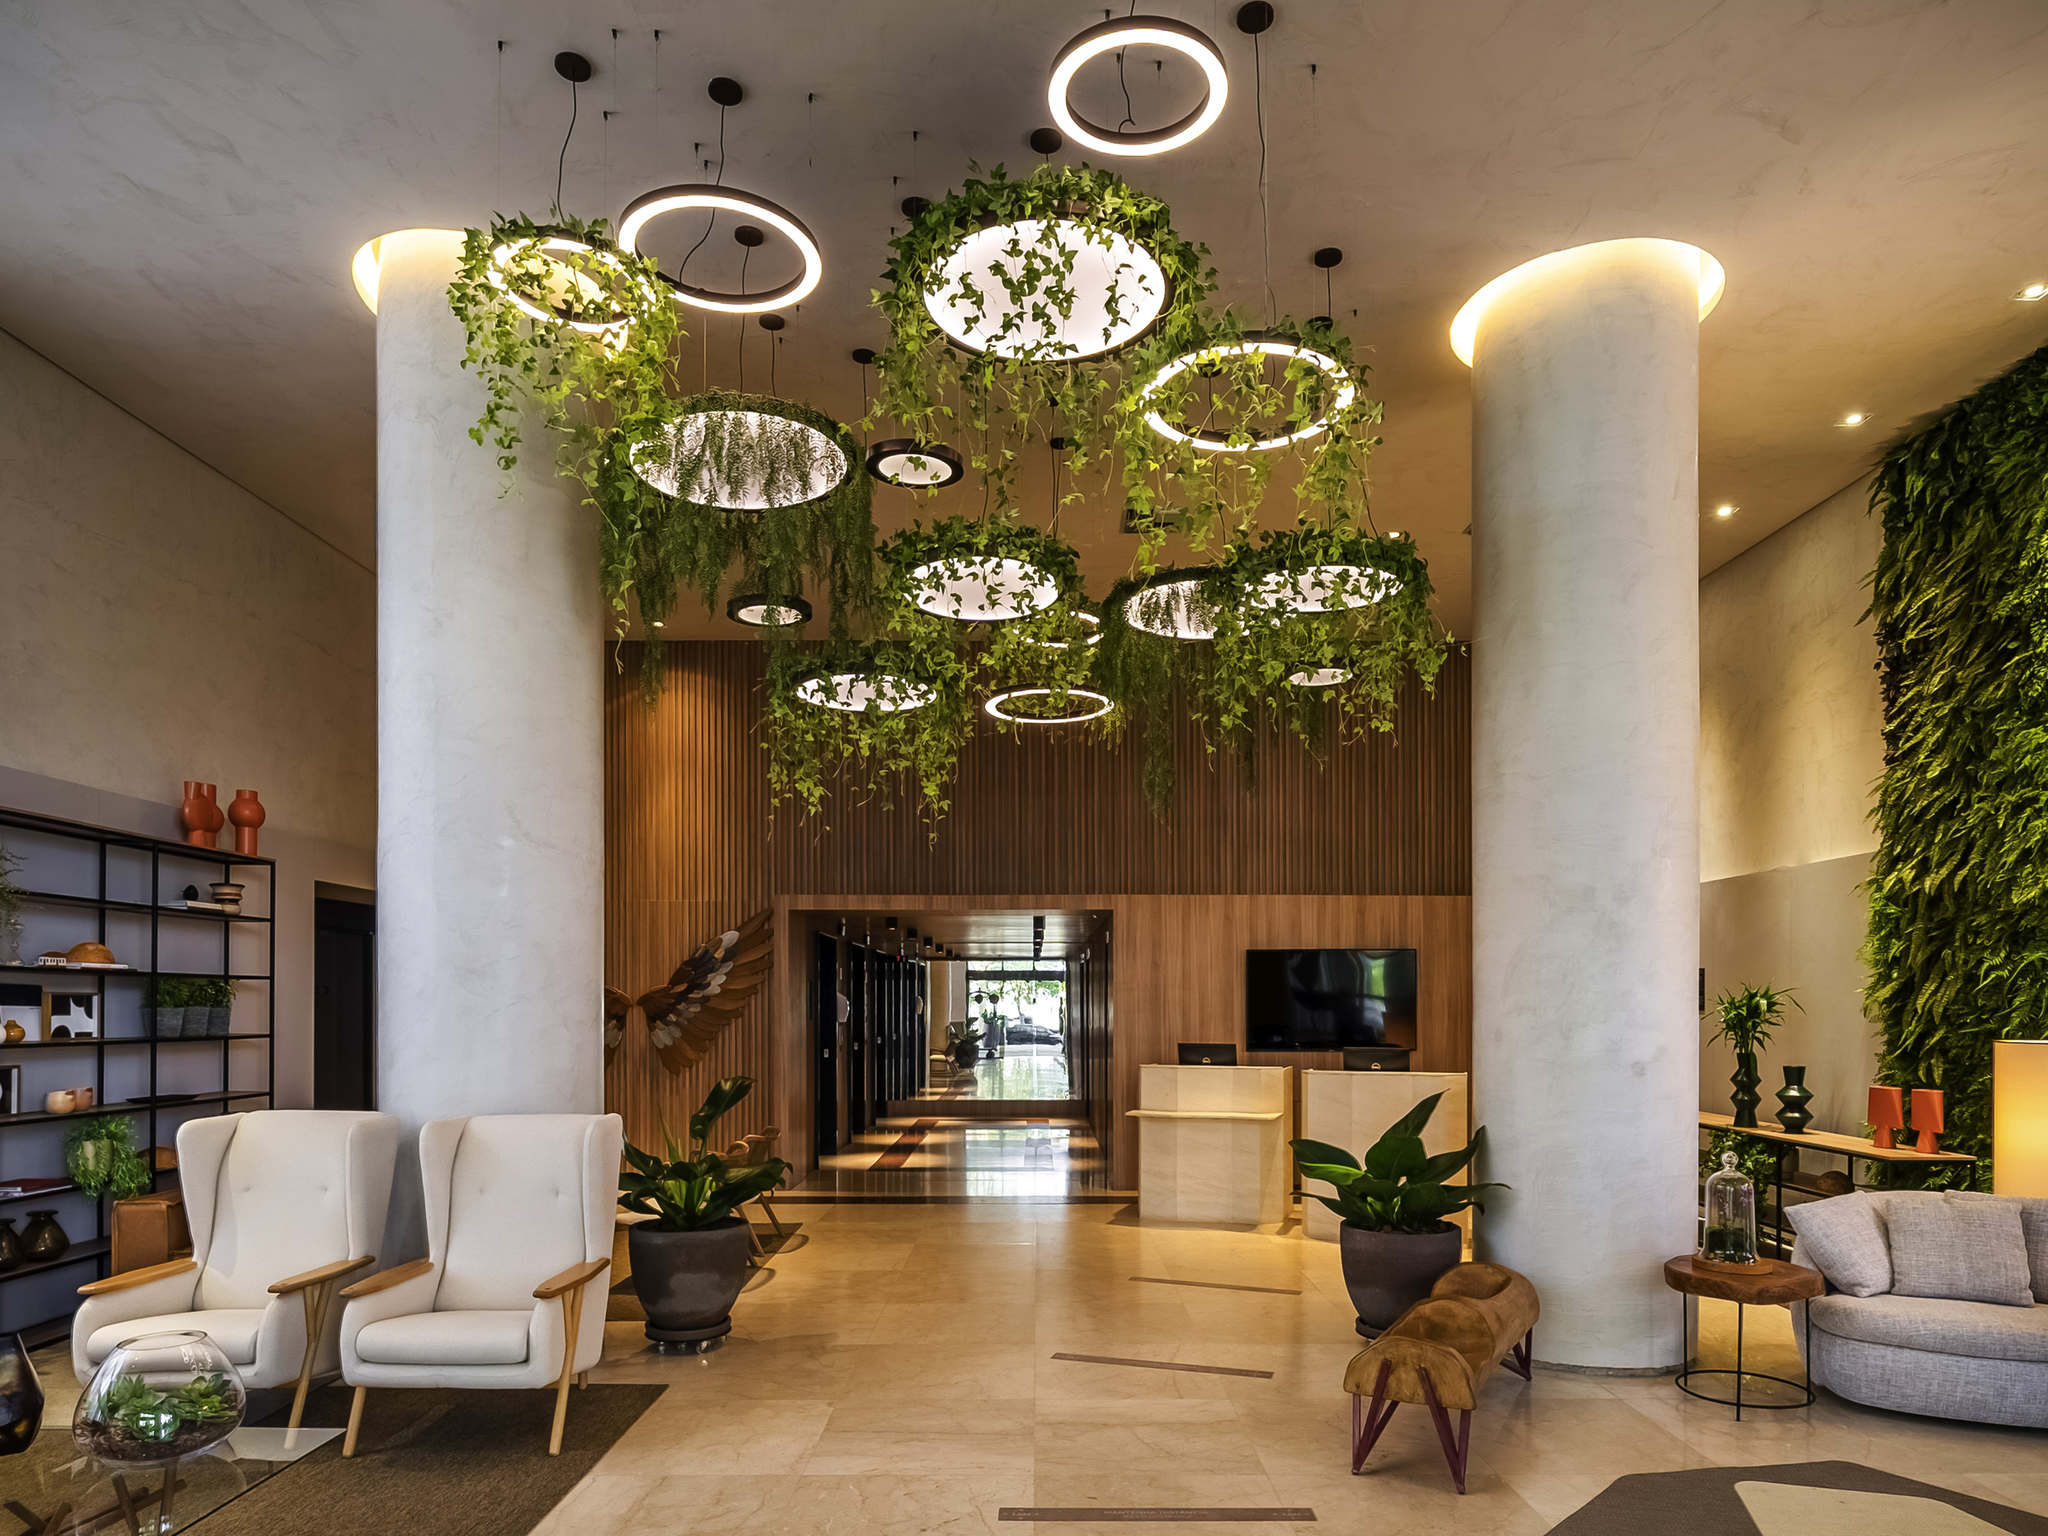 فندق - The Capital - Managed by AccorHotels